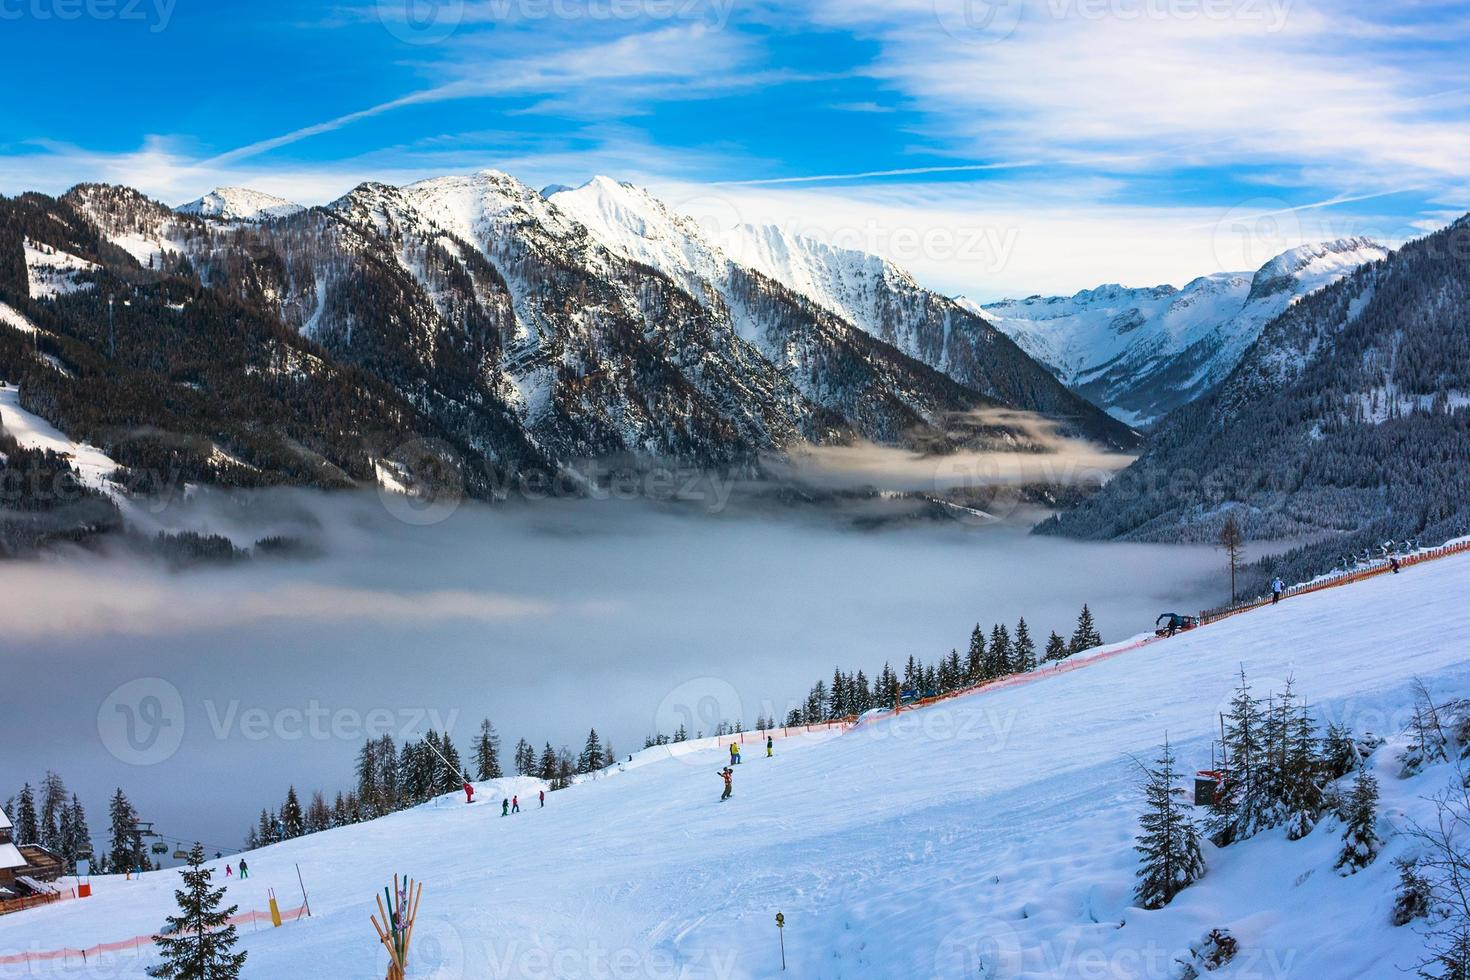 Mountains ski resort in Austria - photo